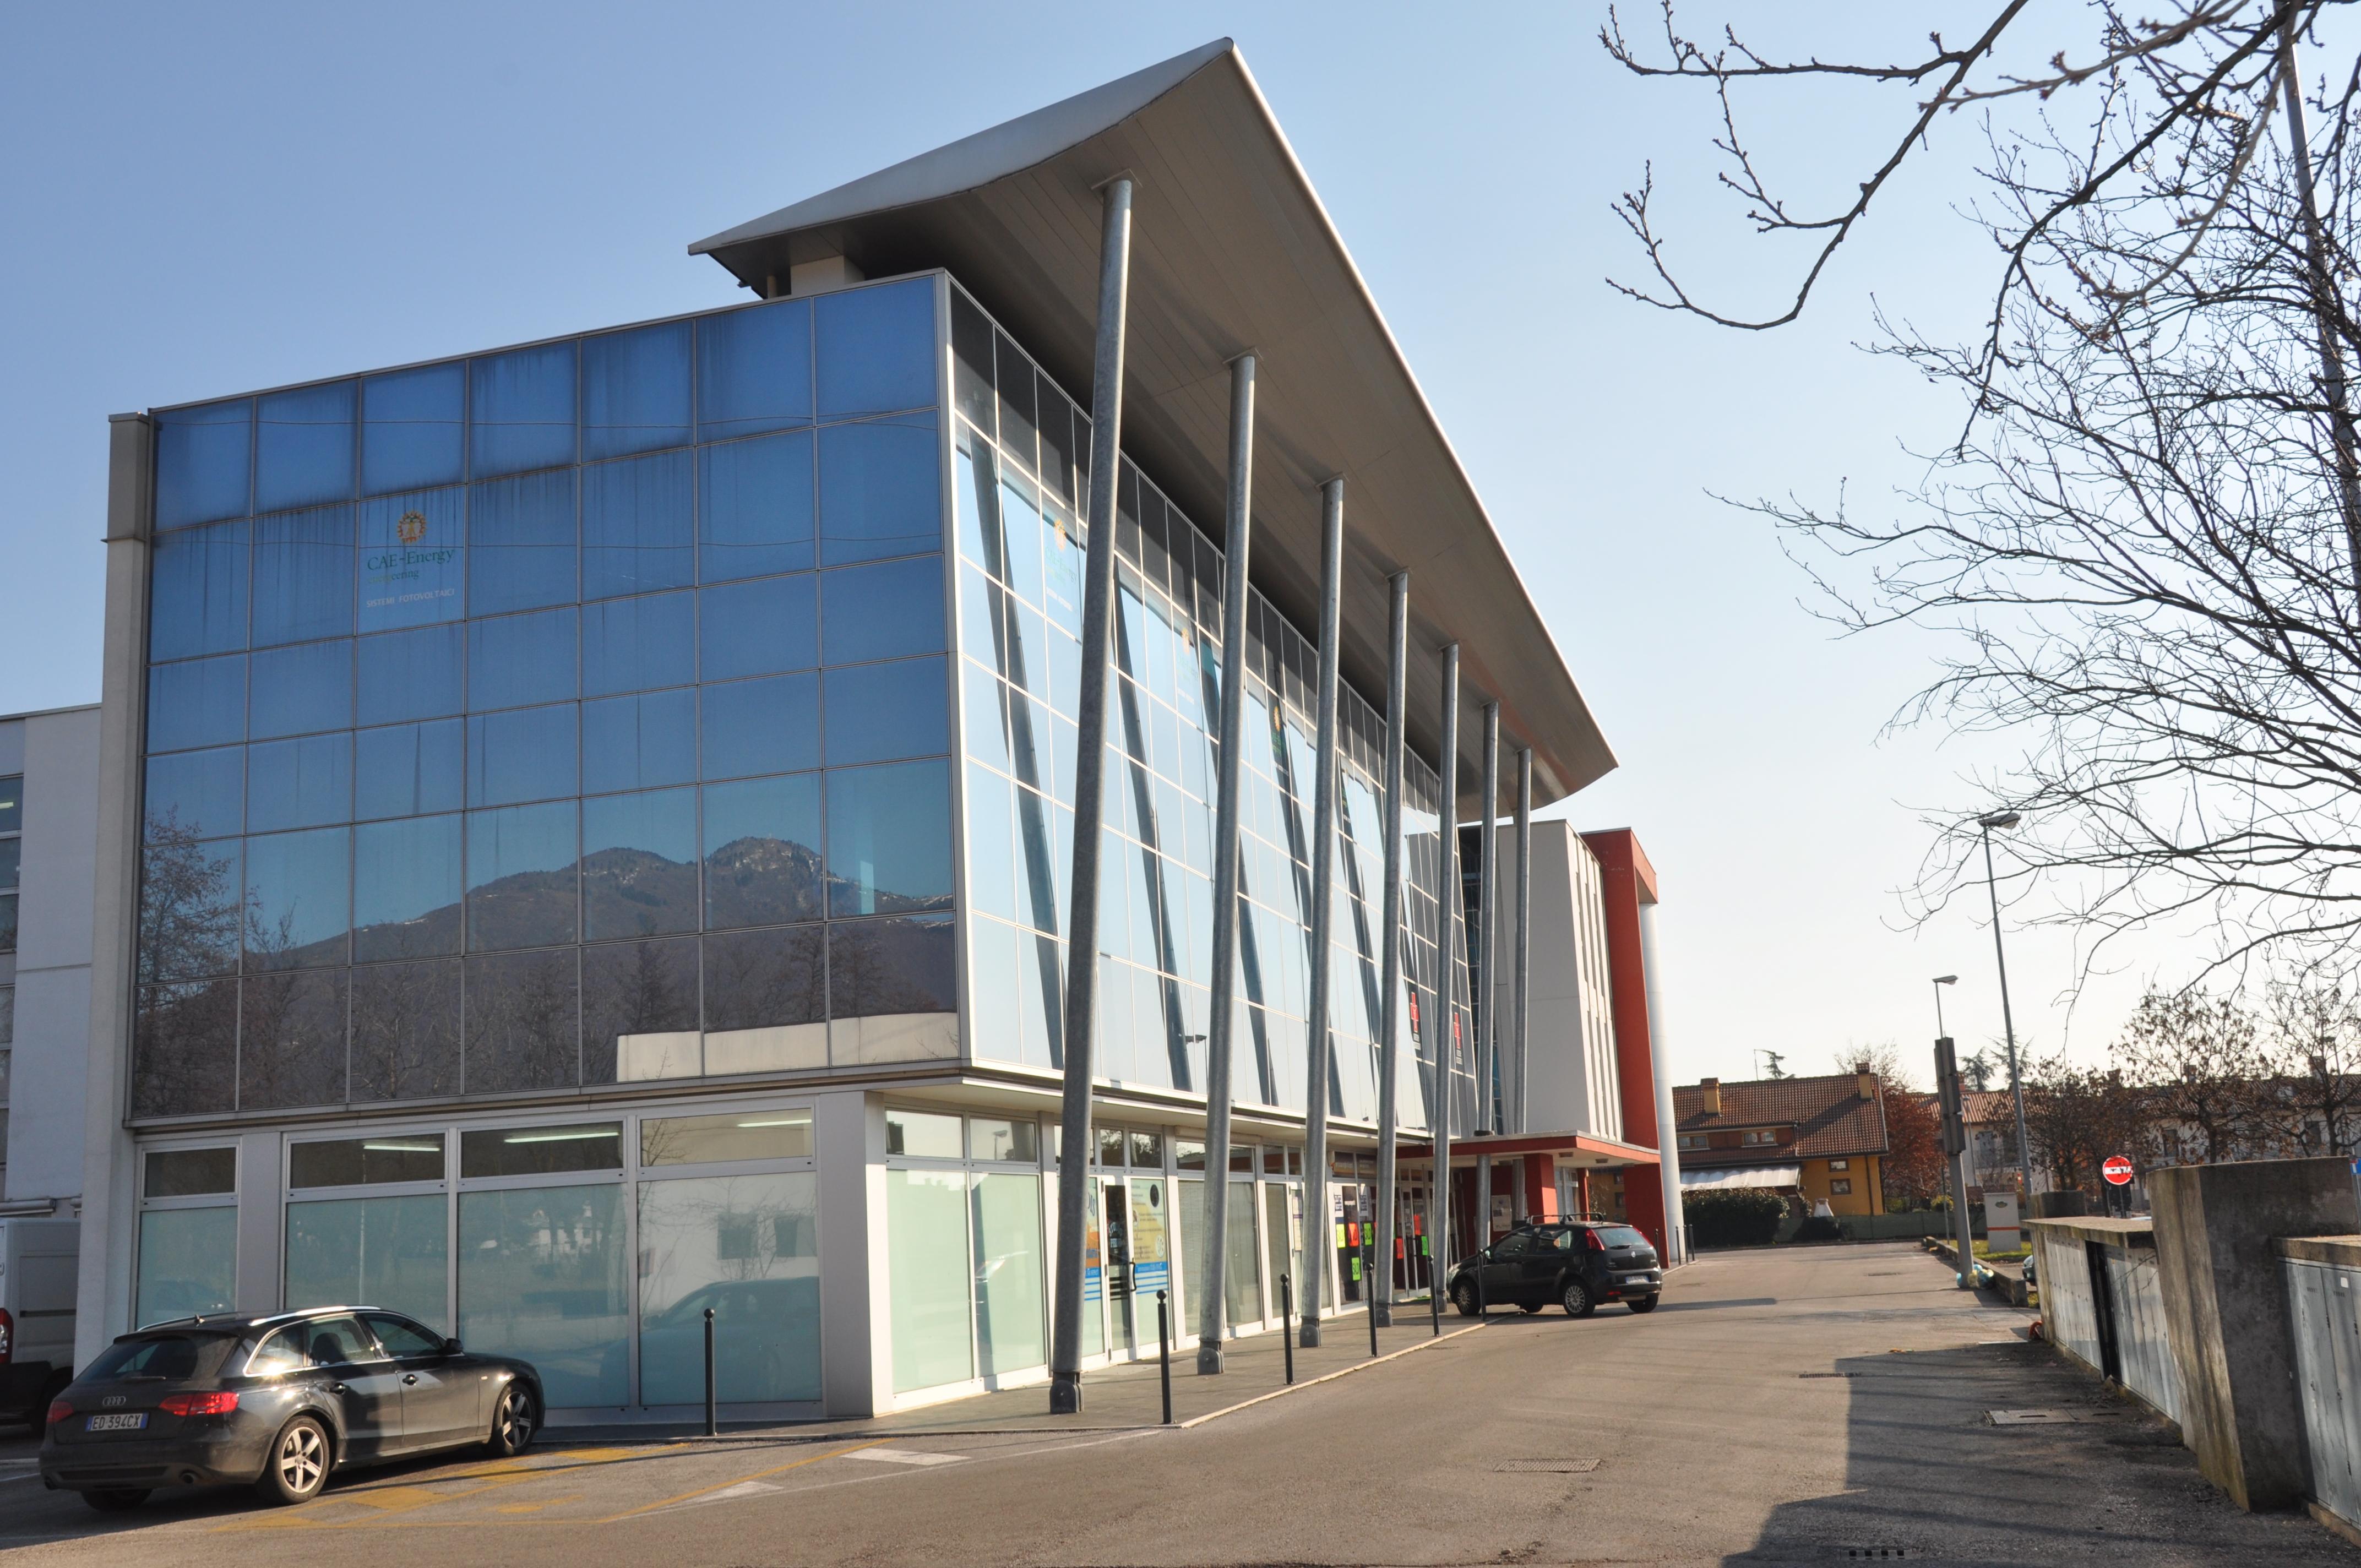 Edificio commerciale a zane 39 vicenza studio pasin for Piccoli piani di progettazione di edifici commerciali